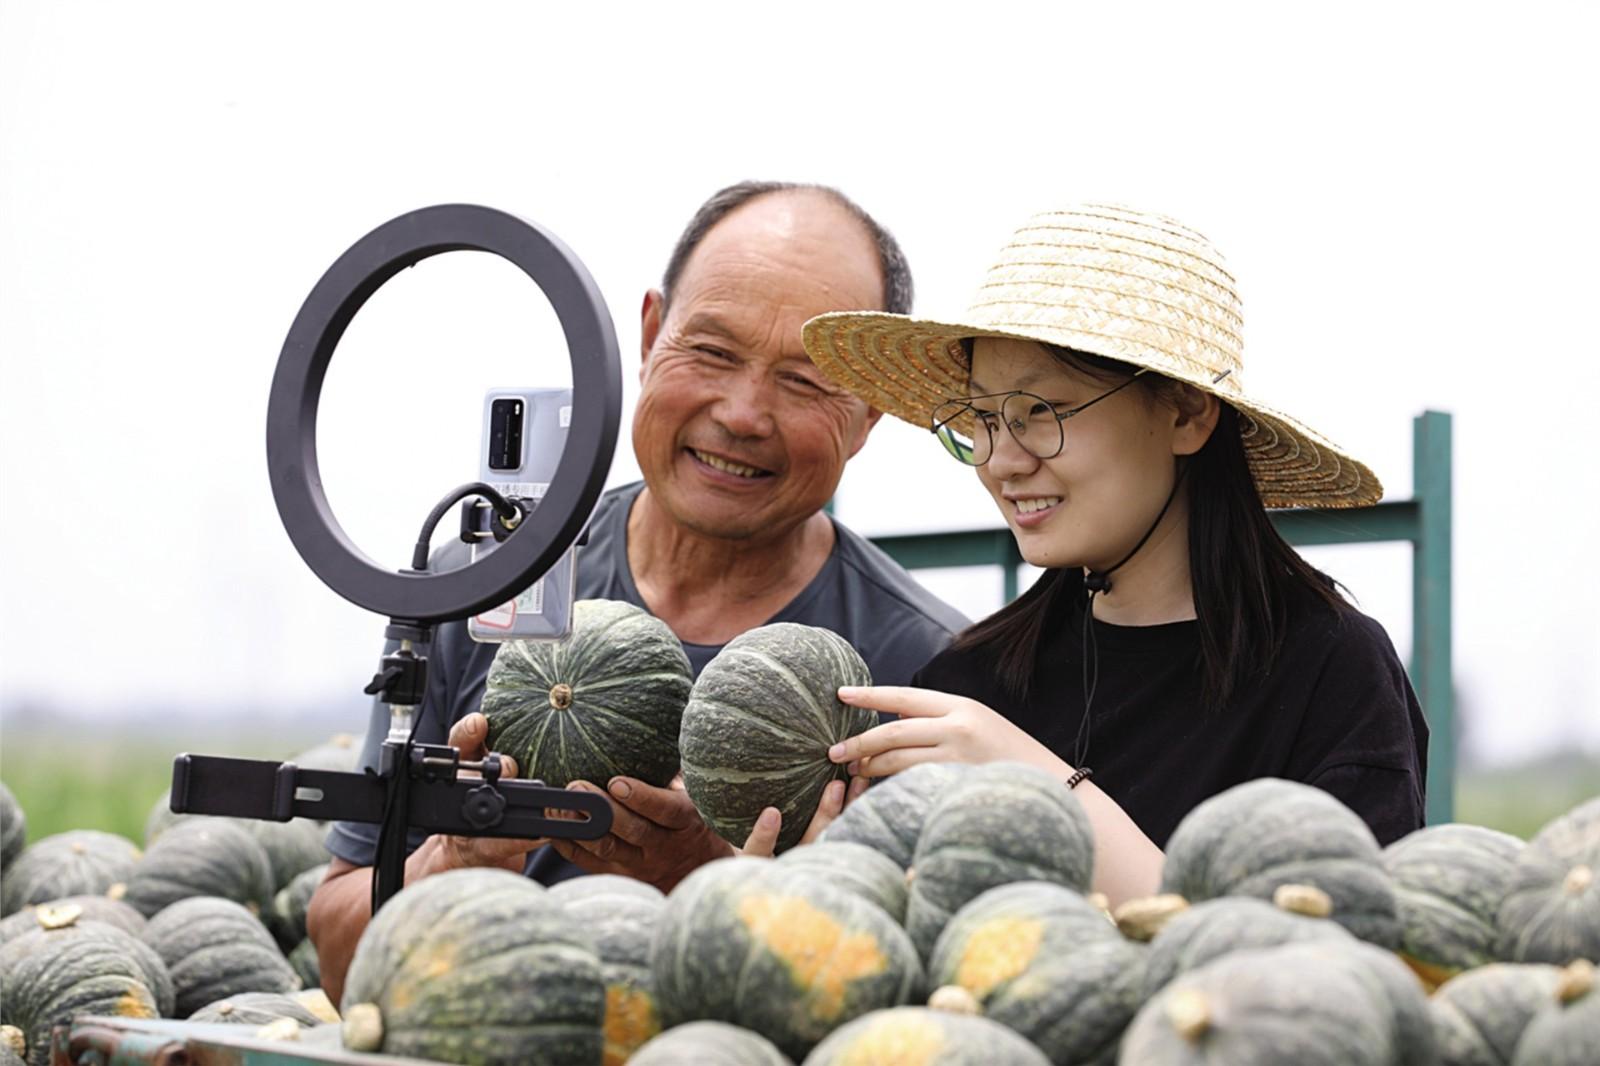 直播带货,第一季丰收的南瓜卖完了!——临沂市高级财经学校助力乡村振兴侧记